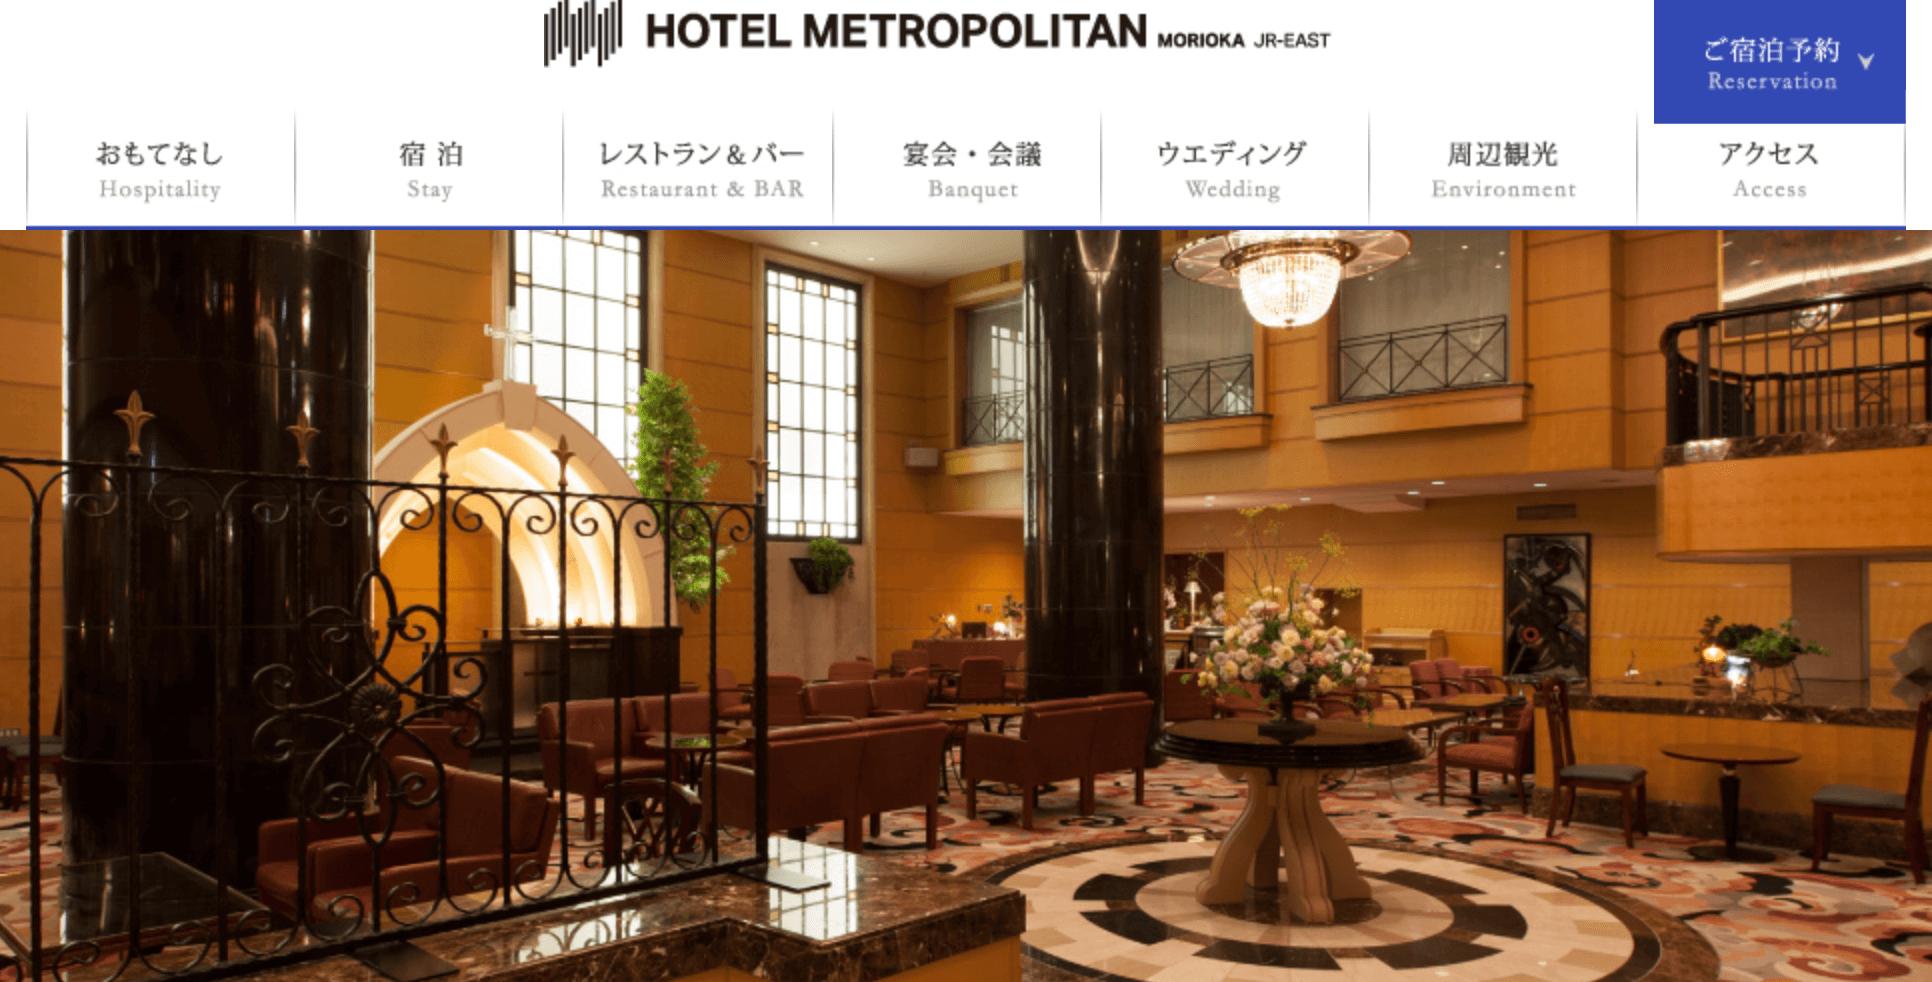 岩手でパパ活におすすめなホテル「ホテルメトロポリタン盛岡」